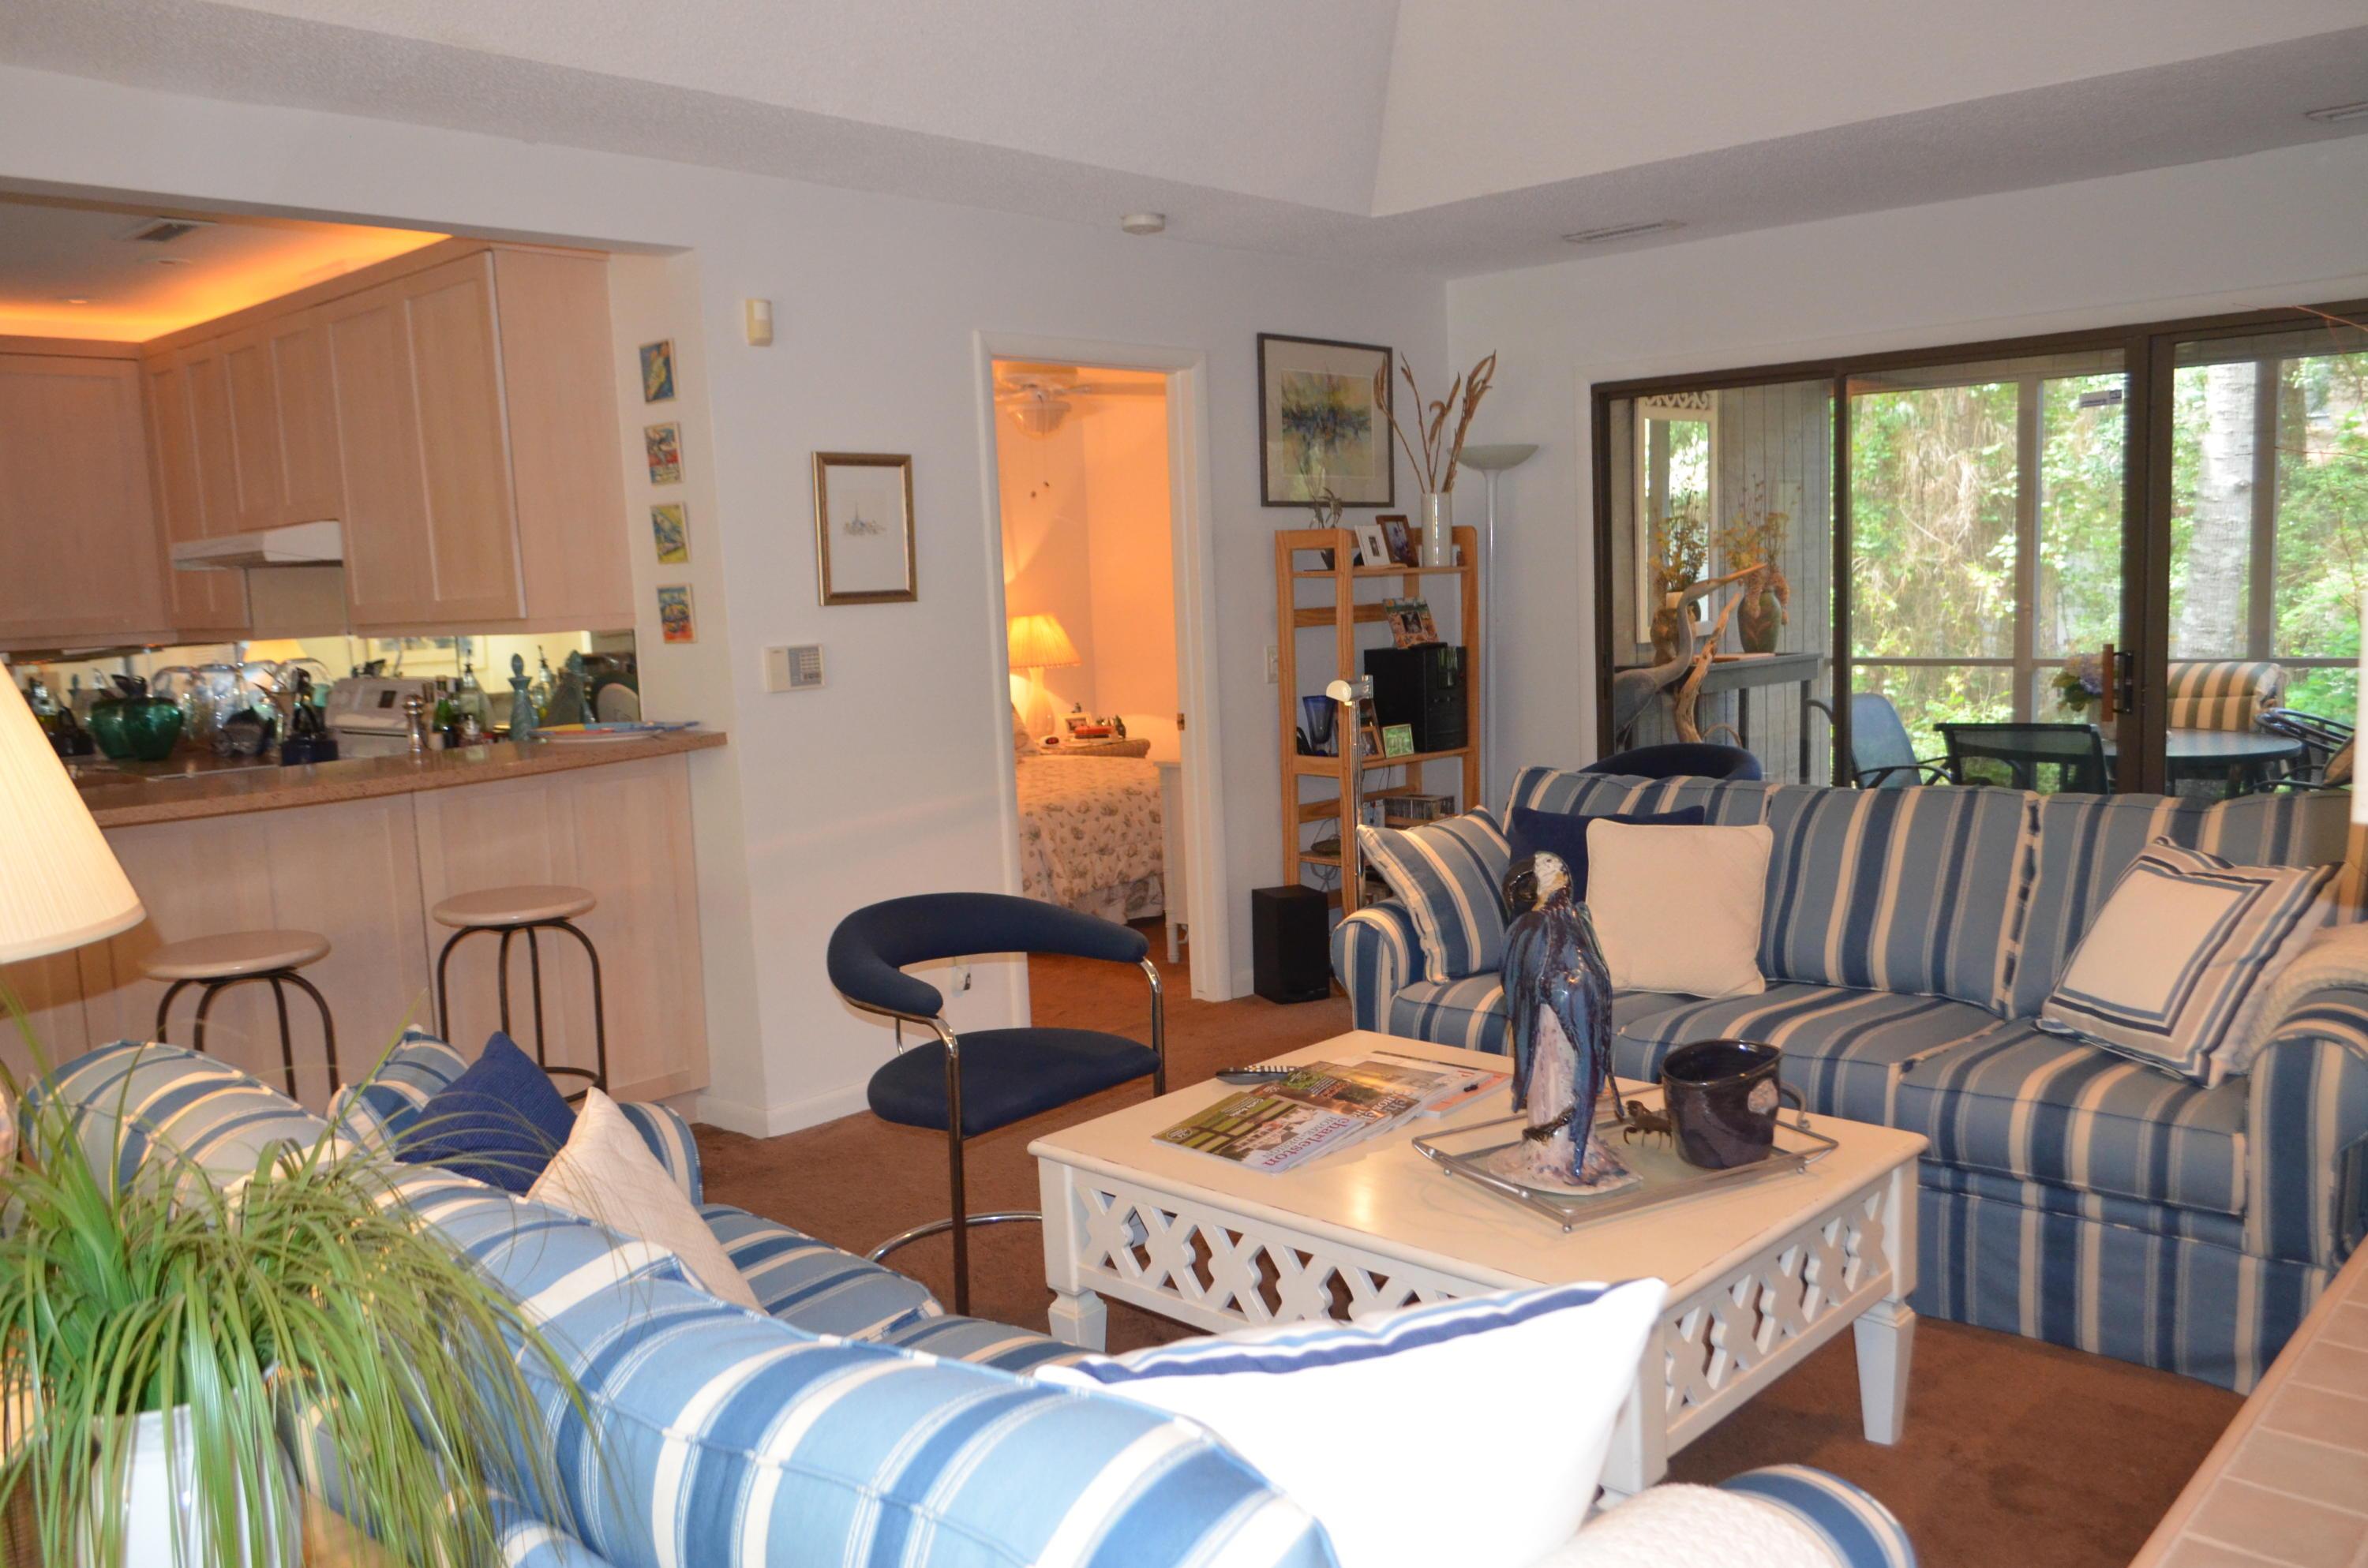 Kiawah Island Homes For Sale - 1083 Sparrow Pond, Kiawah Island, SC - 1